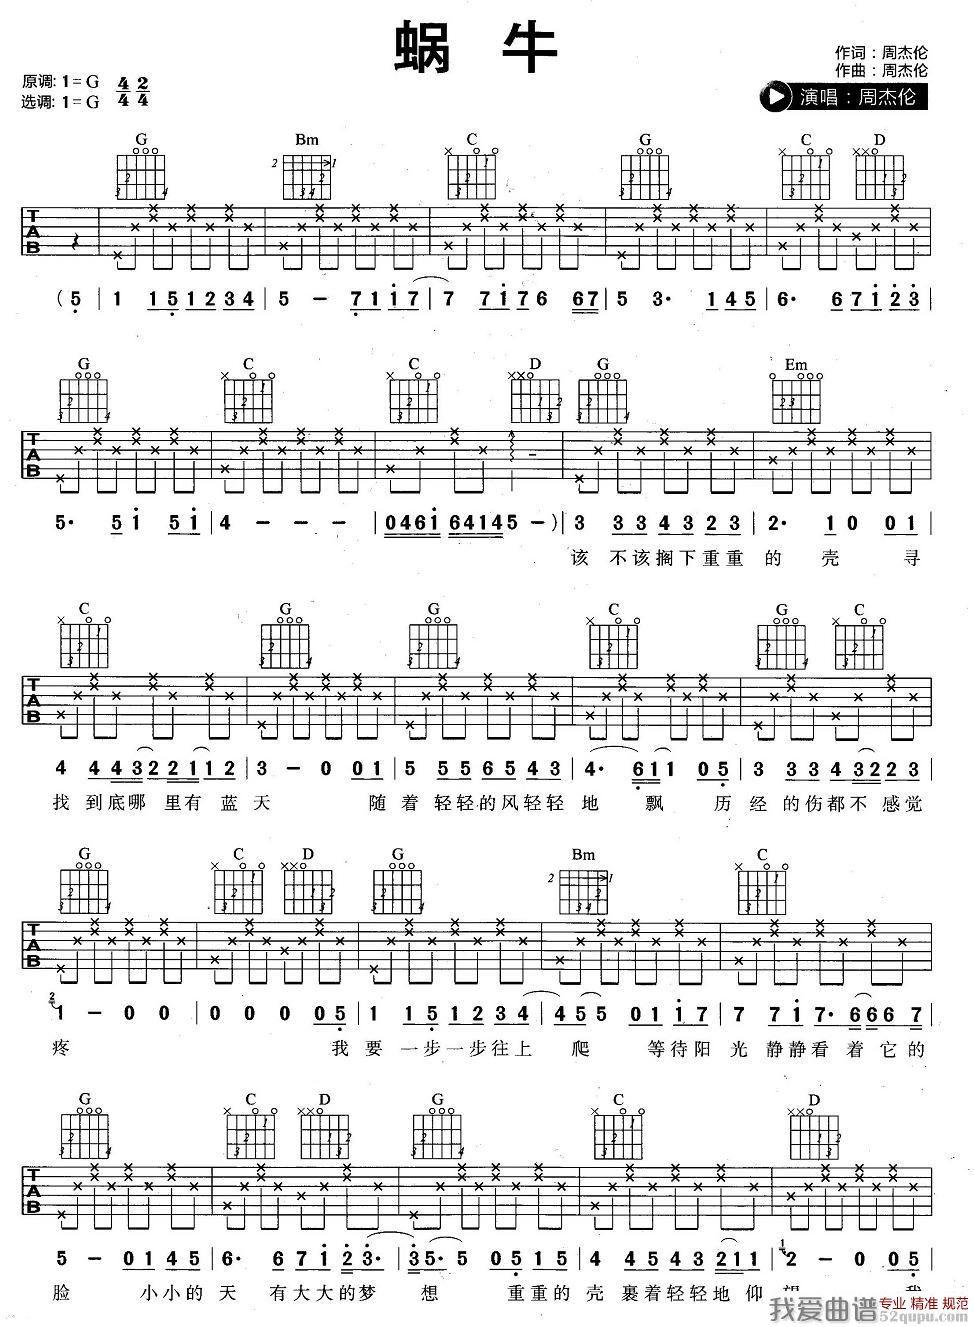 《周杰伦《蜗牛》吉他谱/六线谱》吉他谱图片